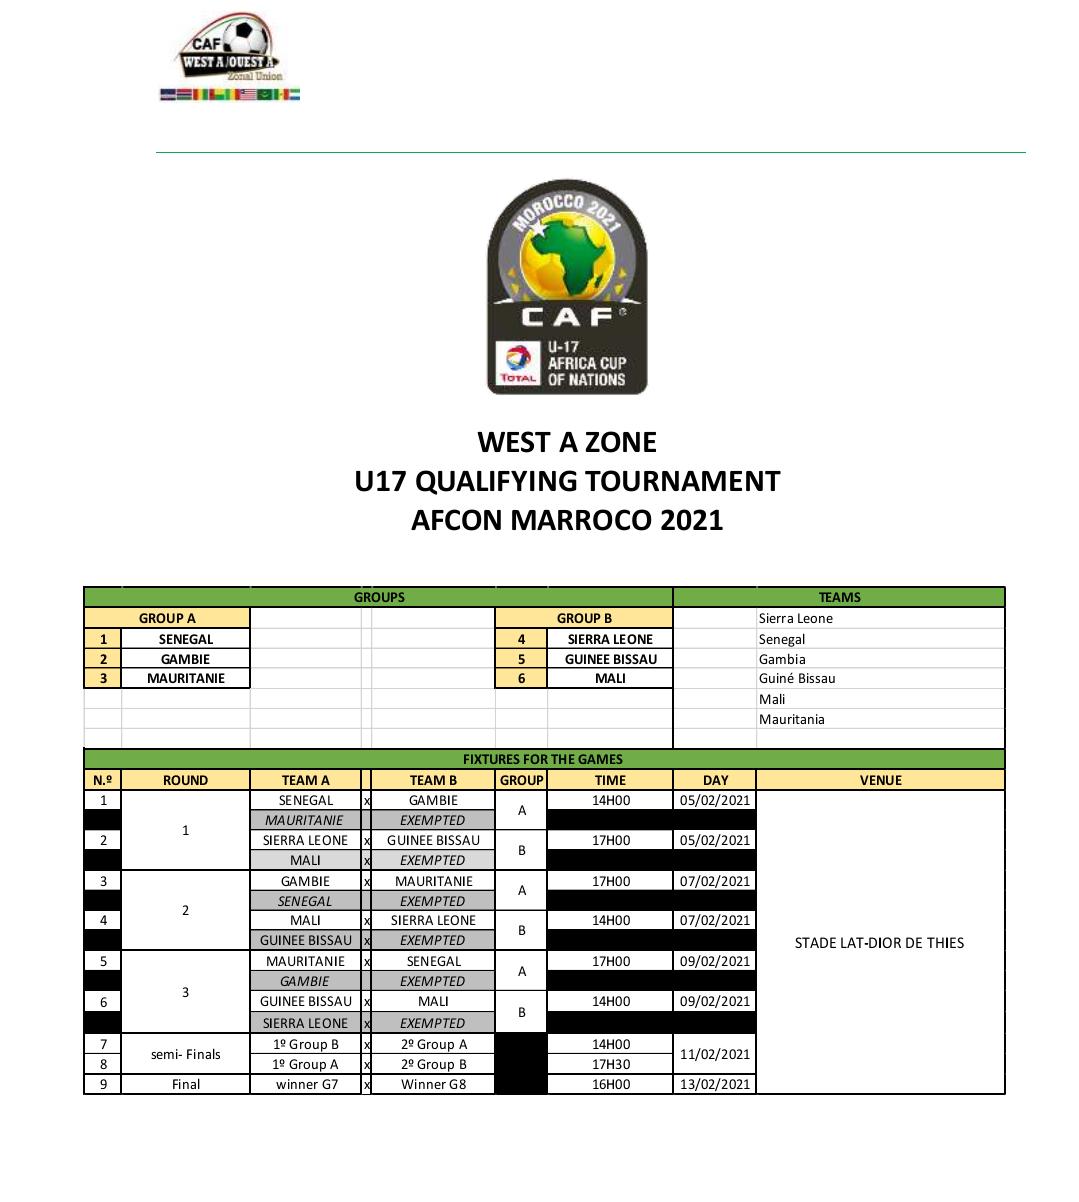 Tournoi UFOA-A / U17 : Les lionceaux dans la poule A avec la Gambie et la Mauritanie.